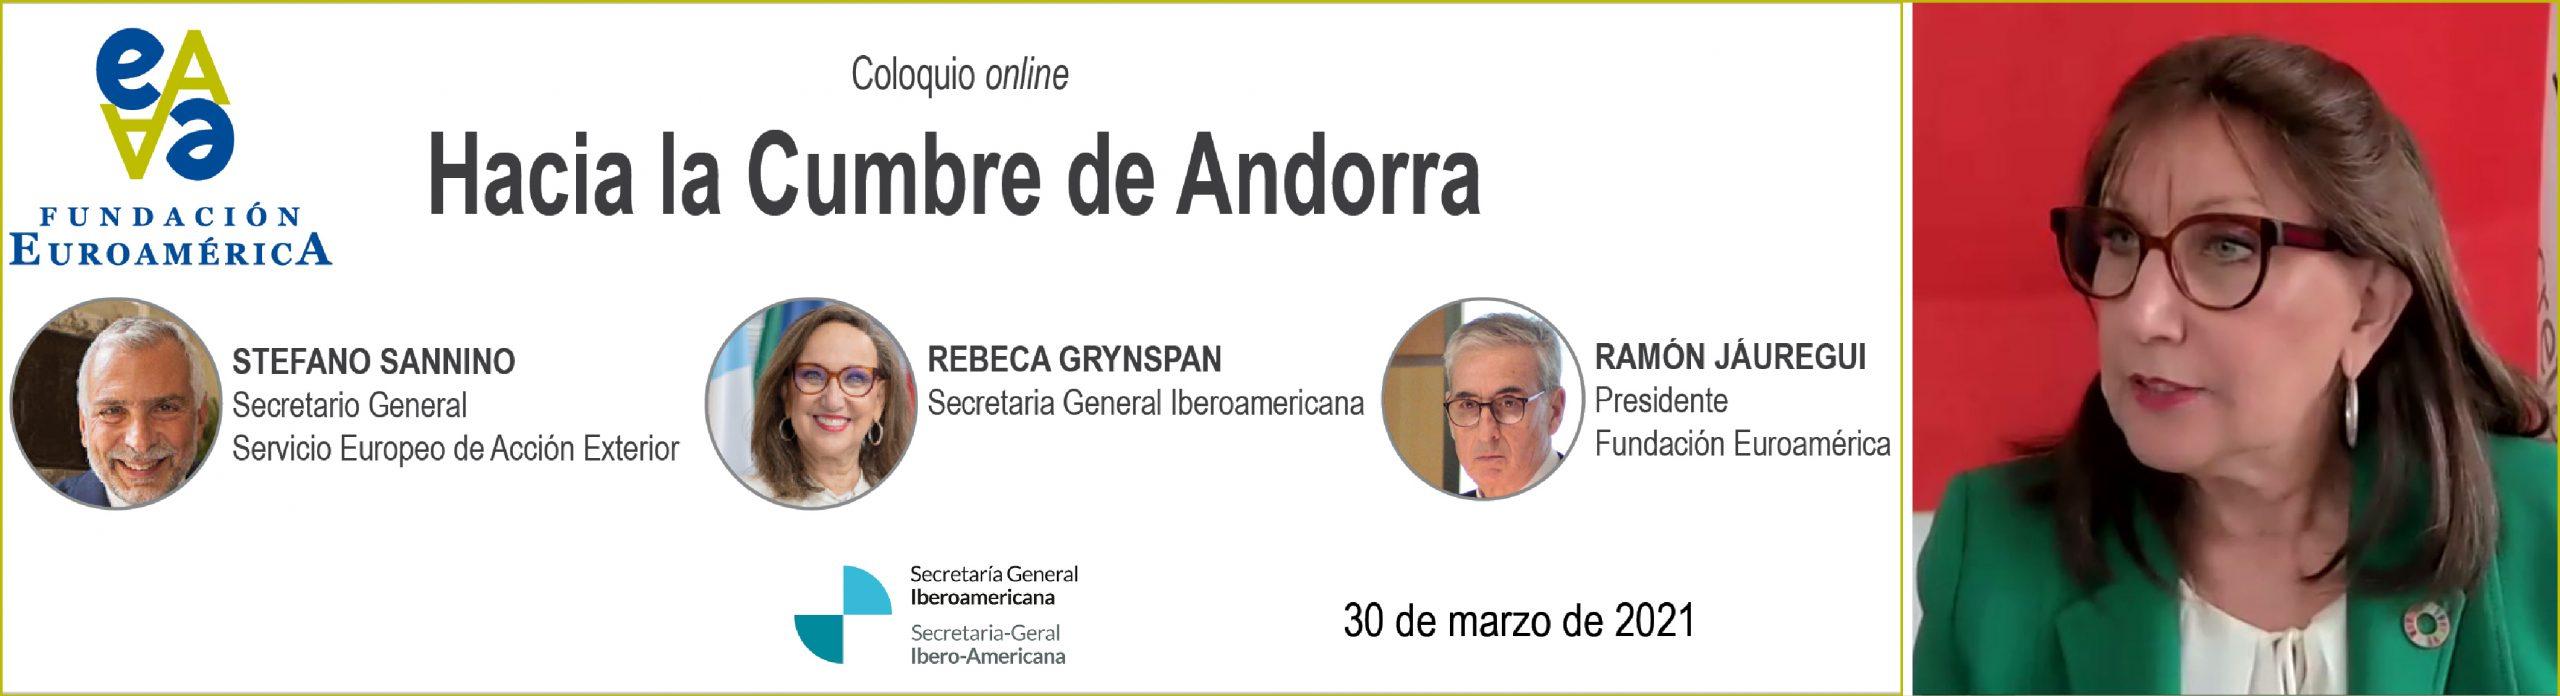 Hacia la Cumbre de Andorra